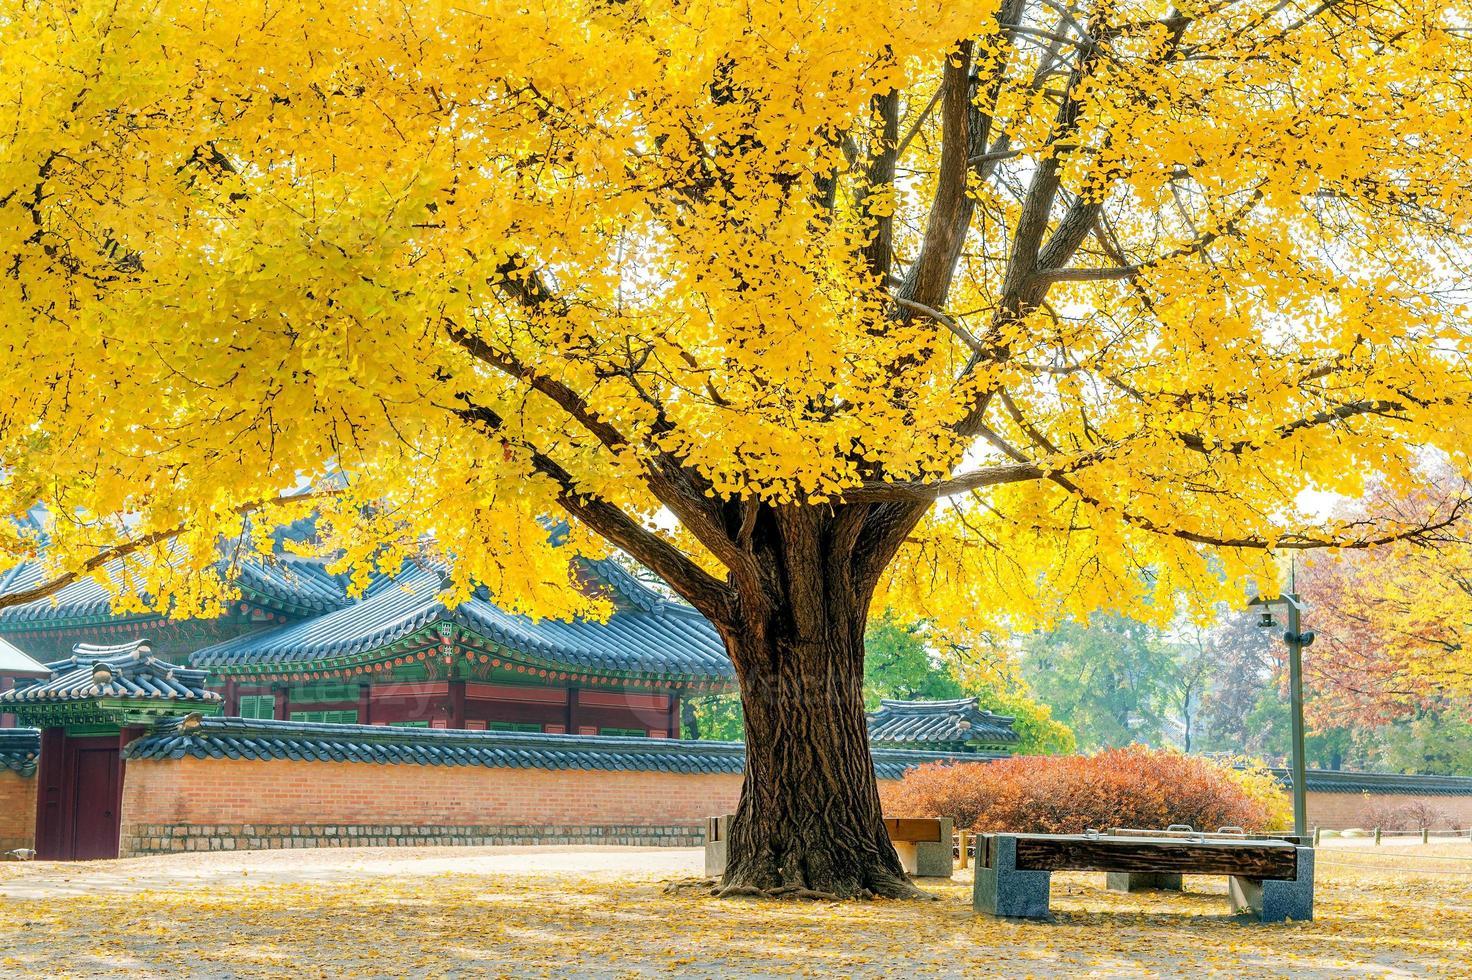 automne au palais de gyeongbukgung, corée. photo